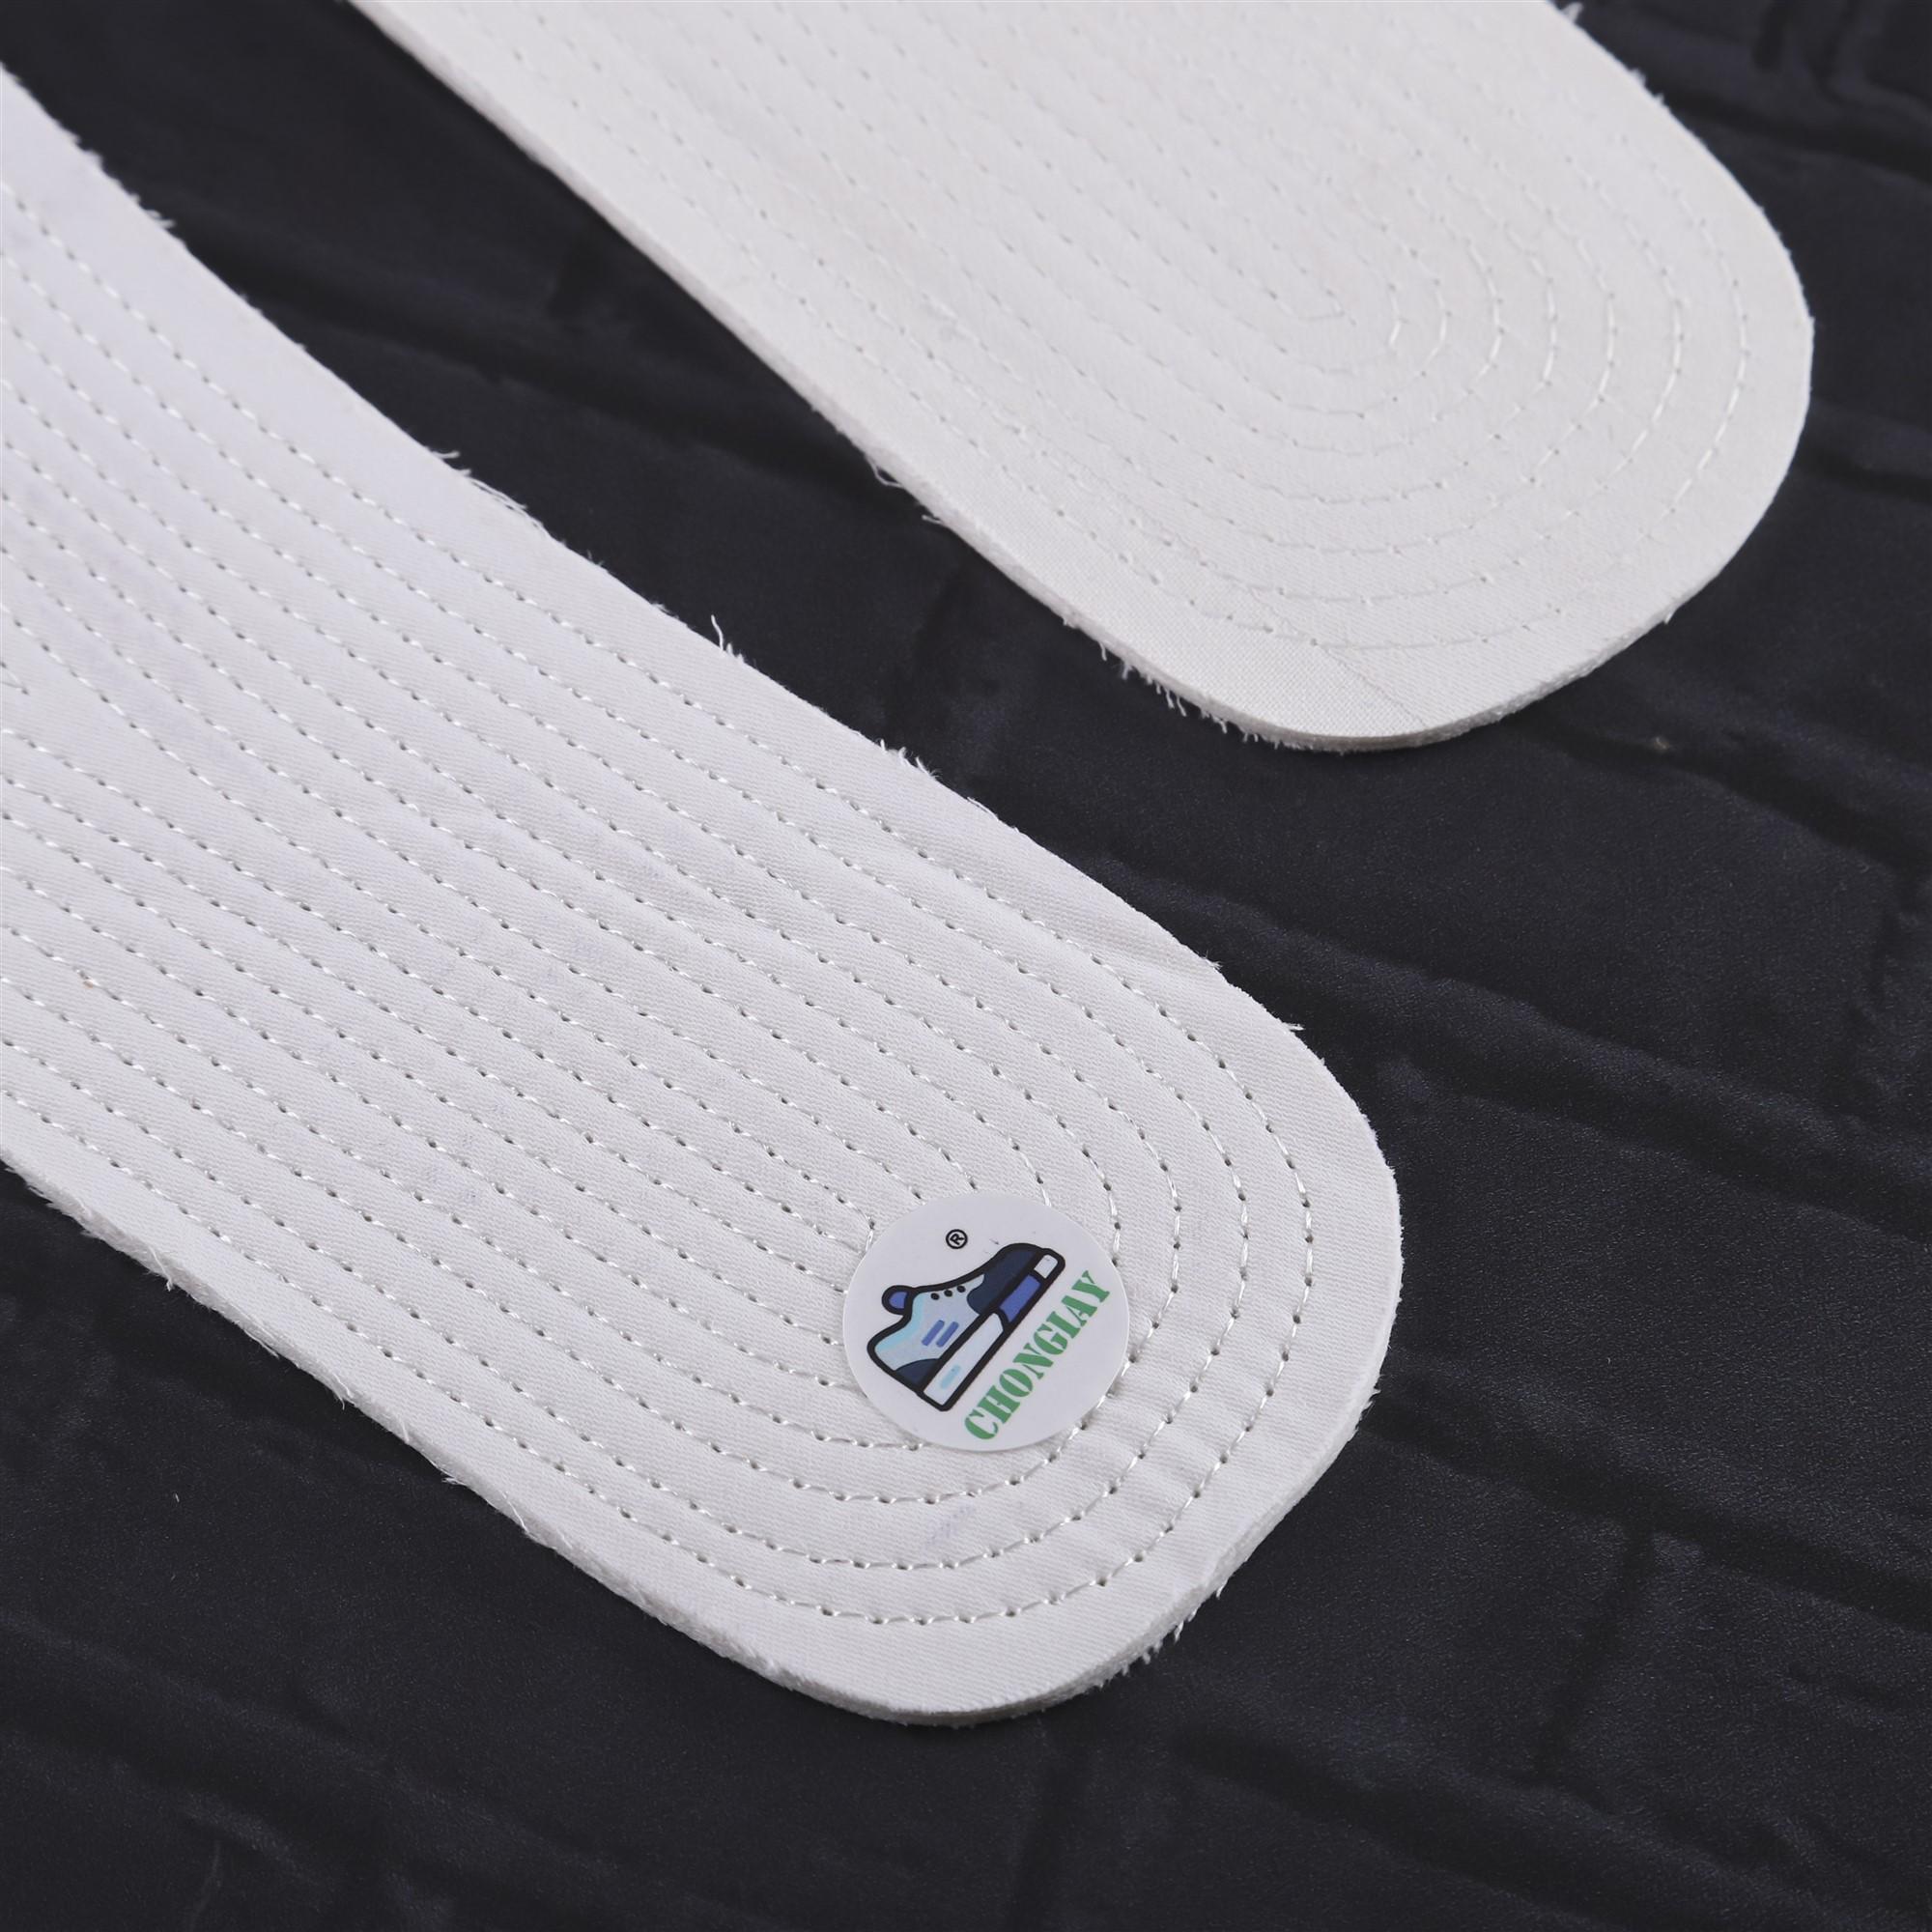 Cặp lót giày LOT22 CHONGIAY tràm vải cotton thấm hút